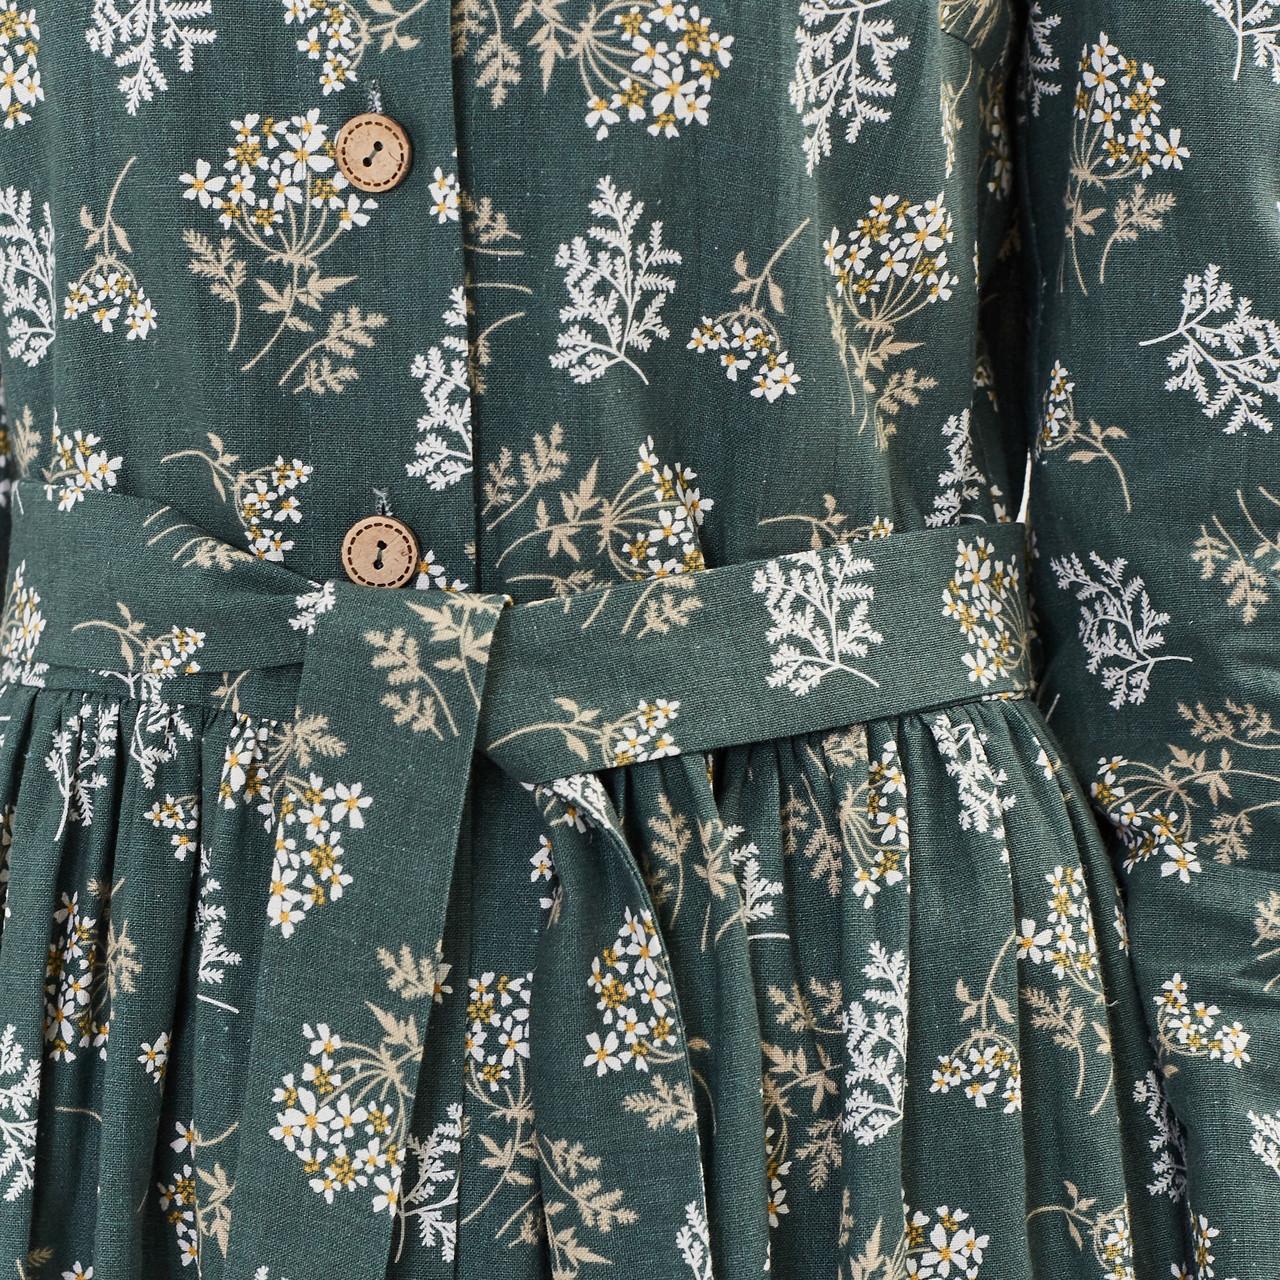 Льняное платье-халат зеленого цвета с растительным принтом. - фото 5